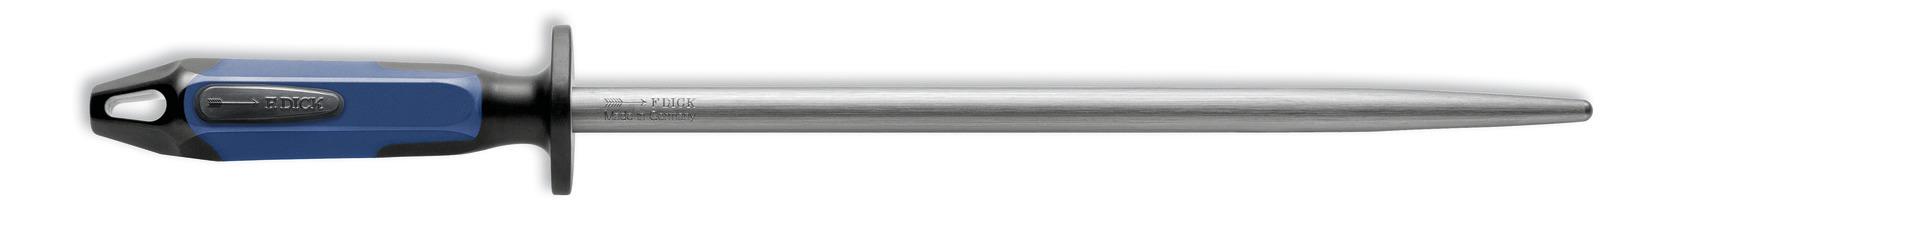 Fleischerstahl FINECUT rund Klingenlänge 300 mm Feinzug